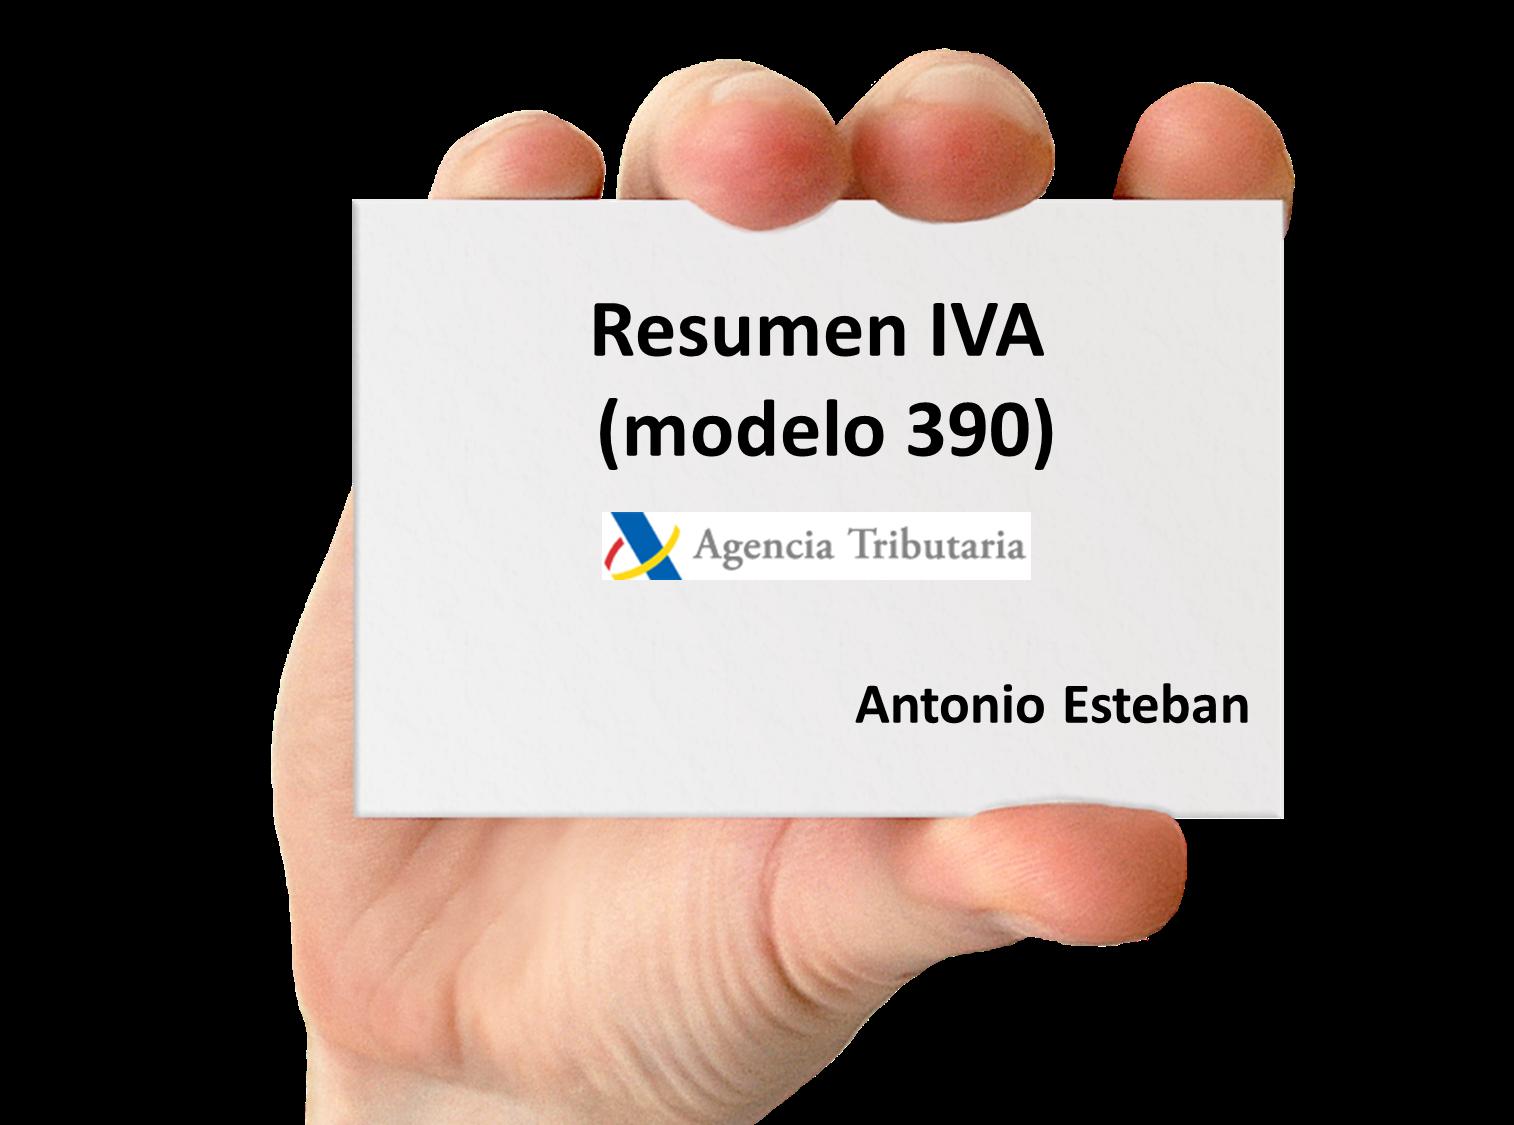 Publicado el nuevo resumen del IVA (modelo 390) | Antonio Esteban 2.0